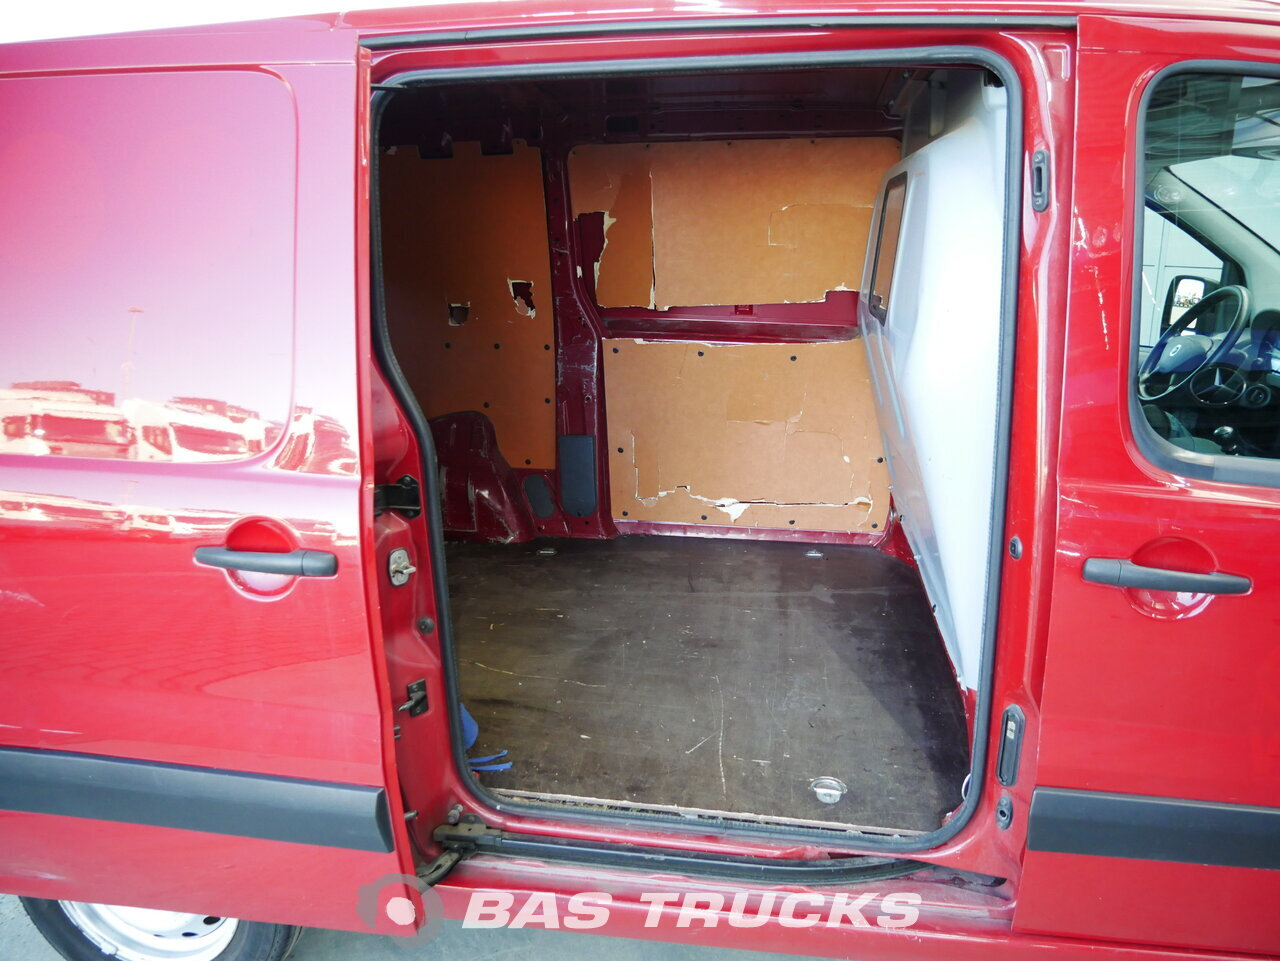 Oryginał Fiat Scudo Samochód dostawczy Euro 5 €3900 - BAS Trucks HD66